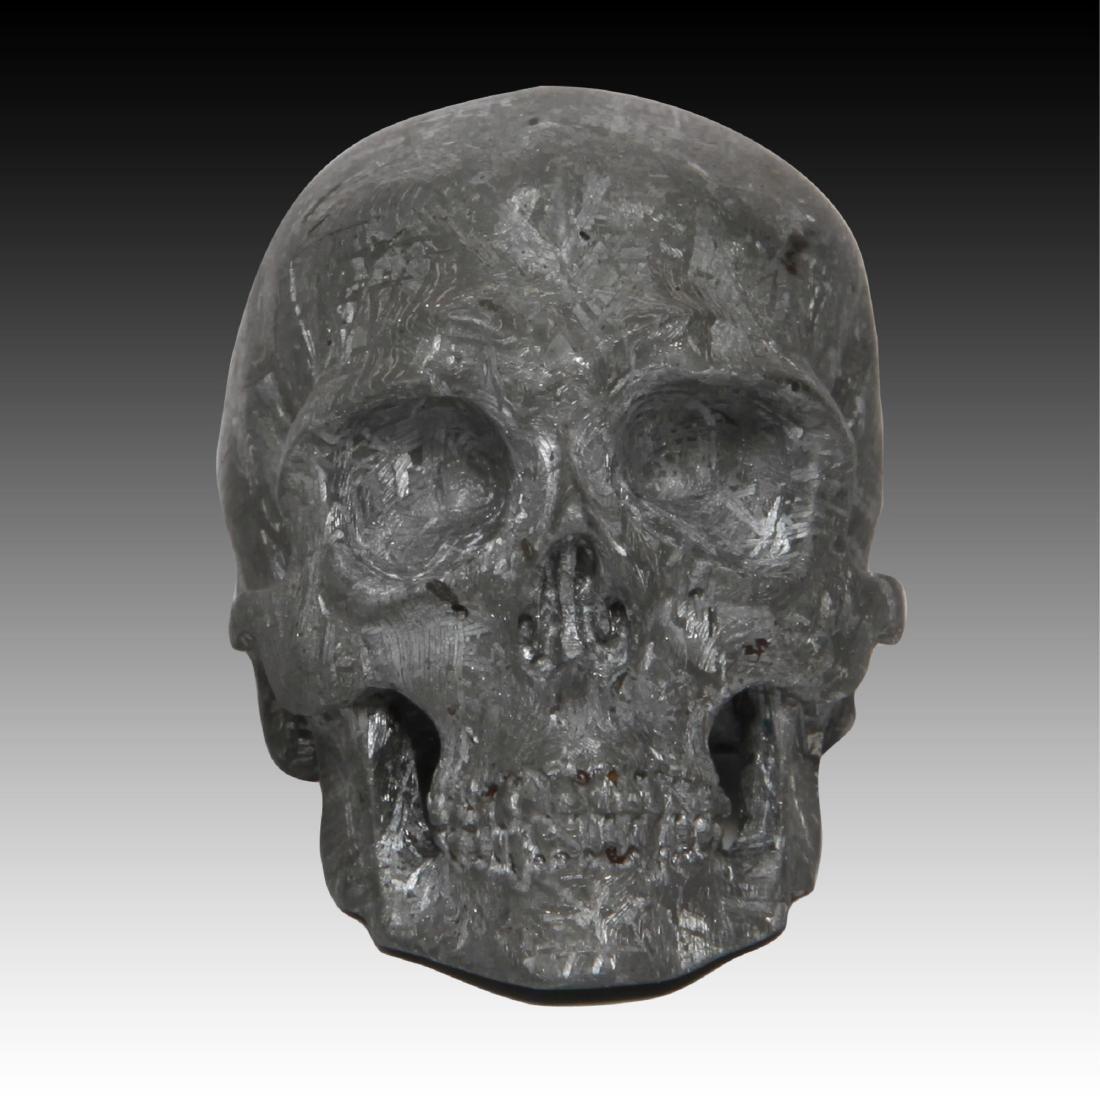 Gibeon Meteorite Skull by Lee Downey